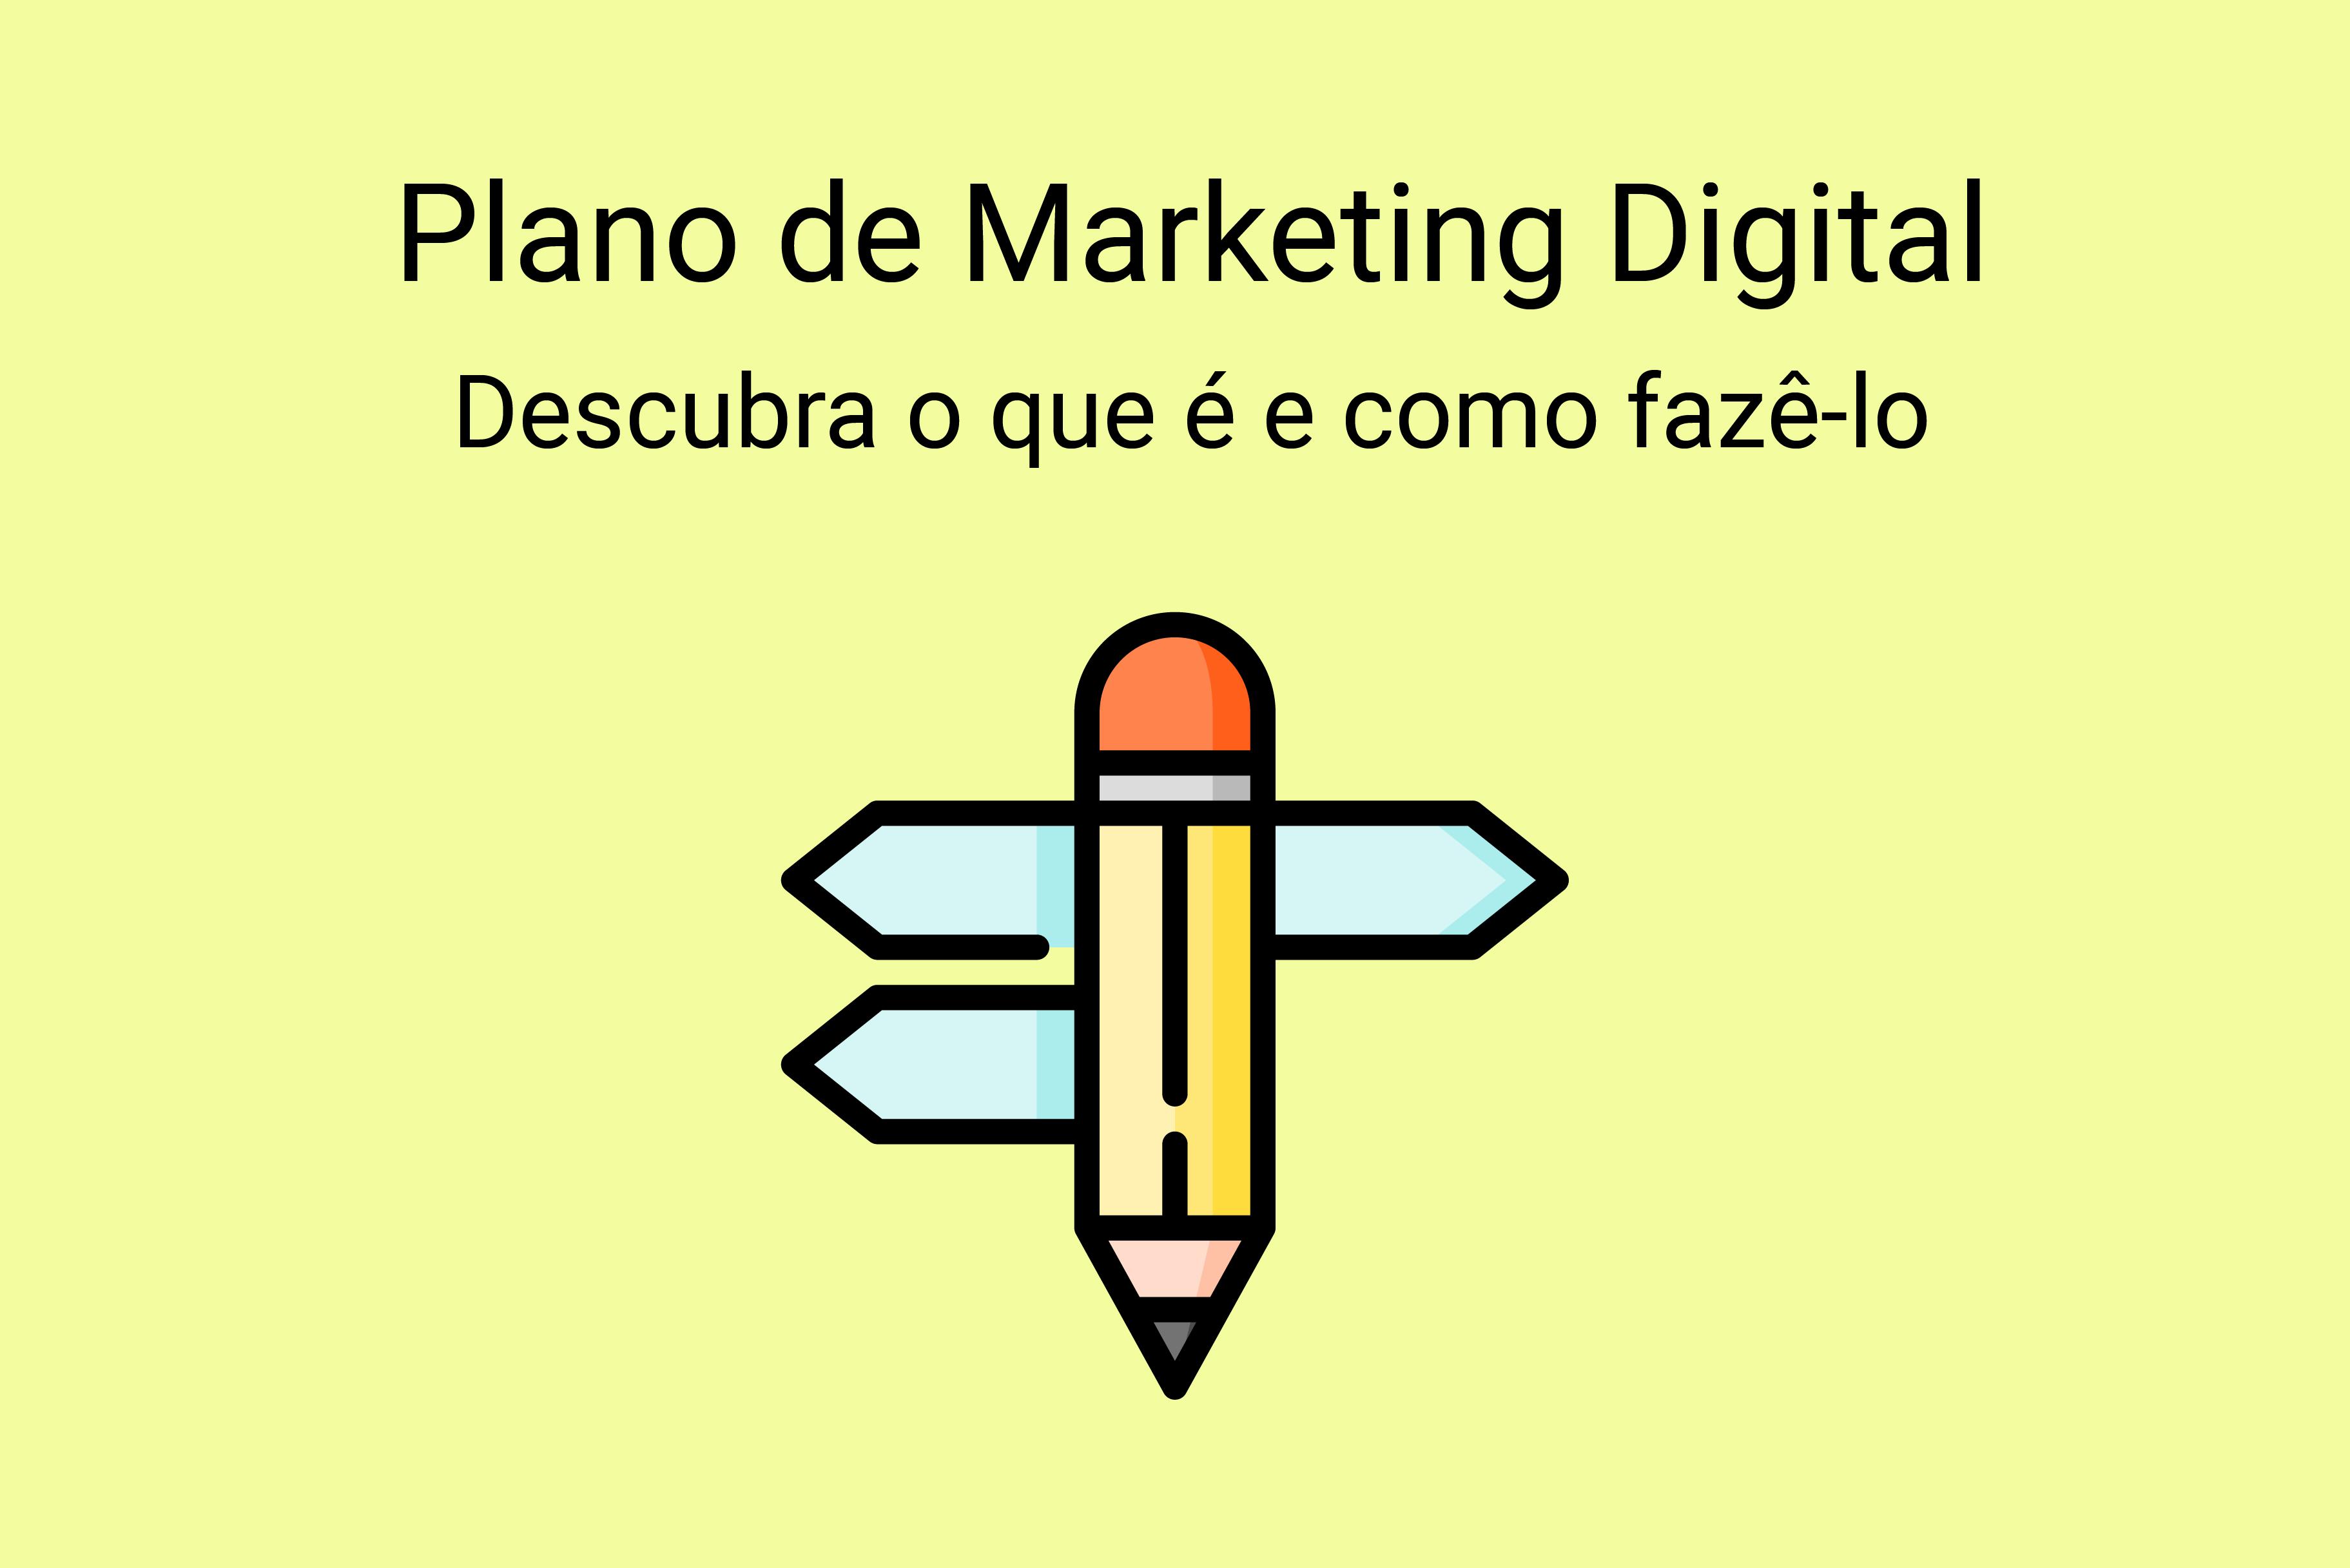 O que é um plano de Marketing Digital e como fazer?